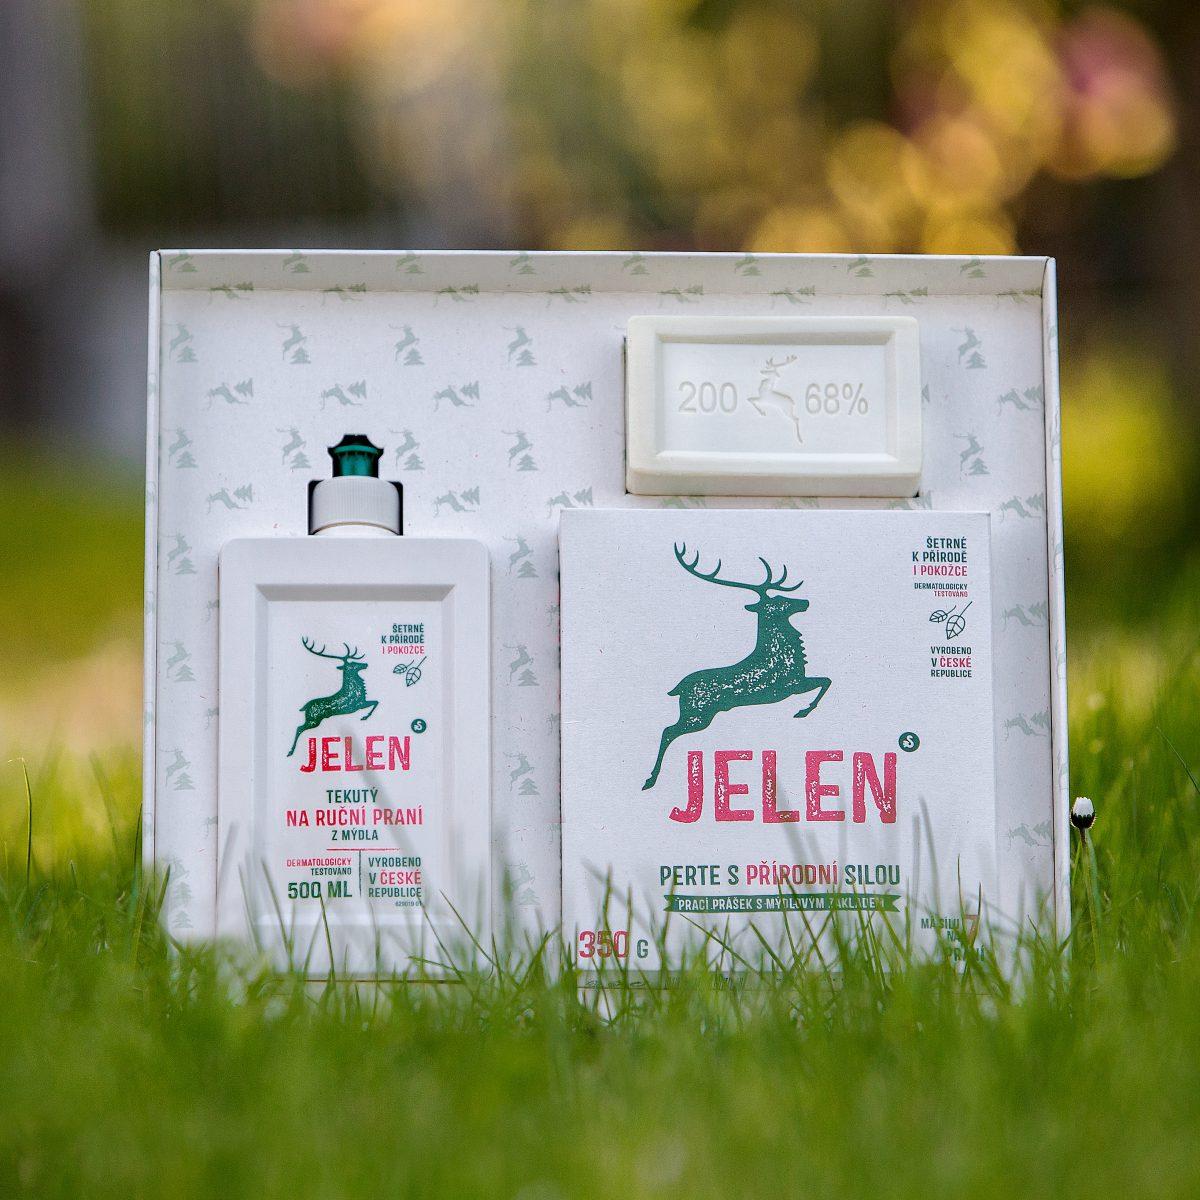 Dárkový set prostředků s Jelenem v novém designu